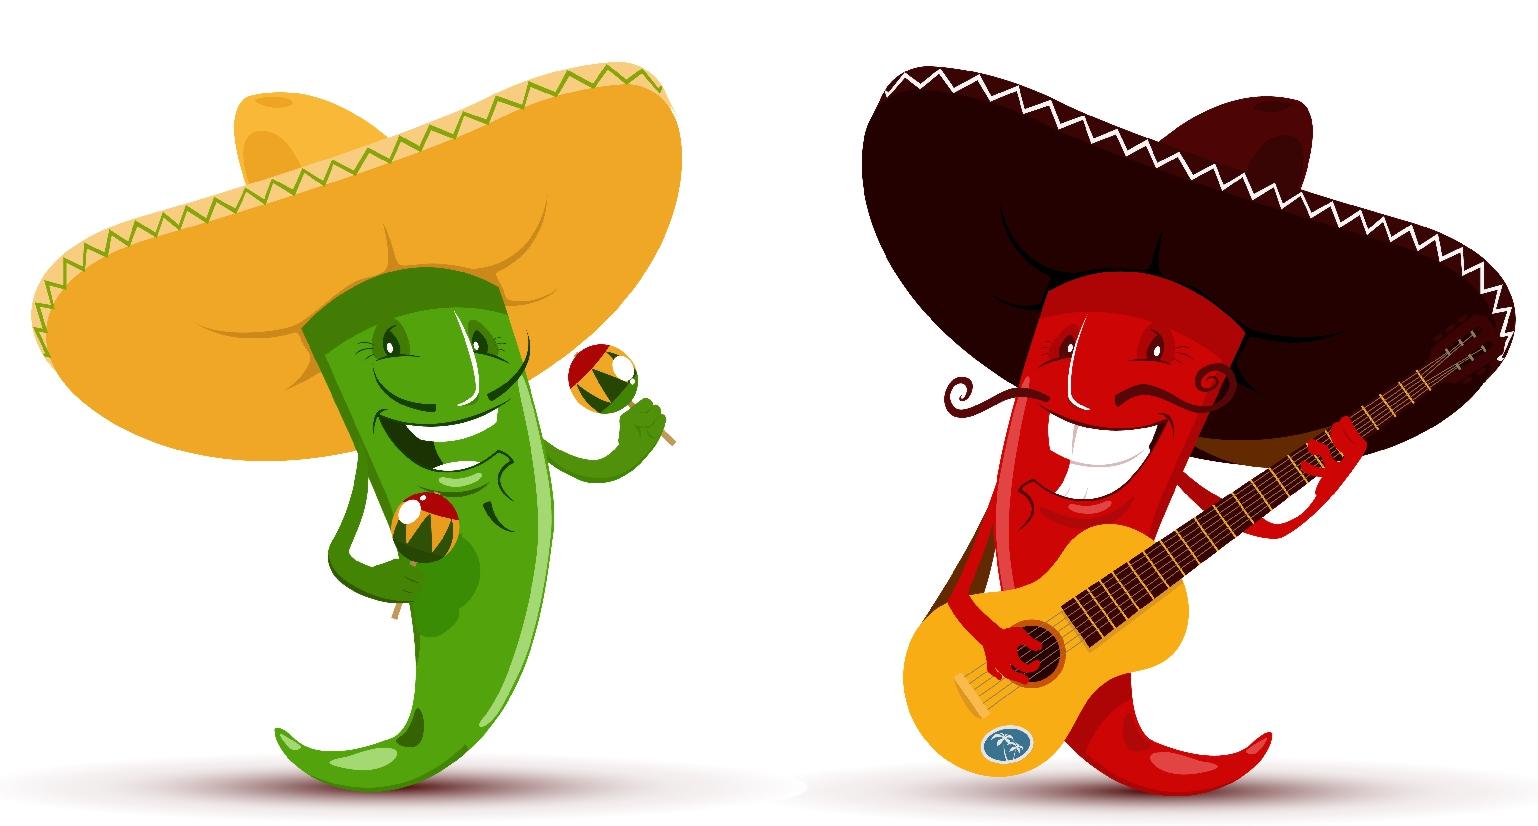 kadin-be-mexicano